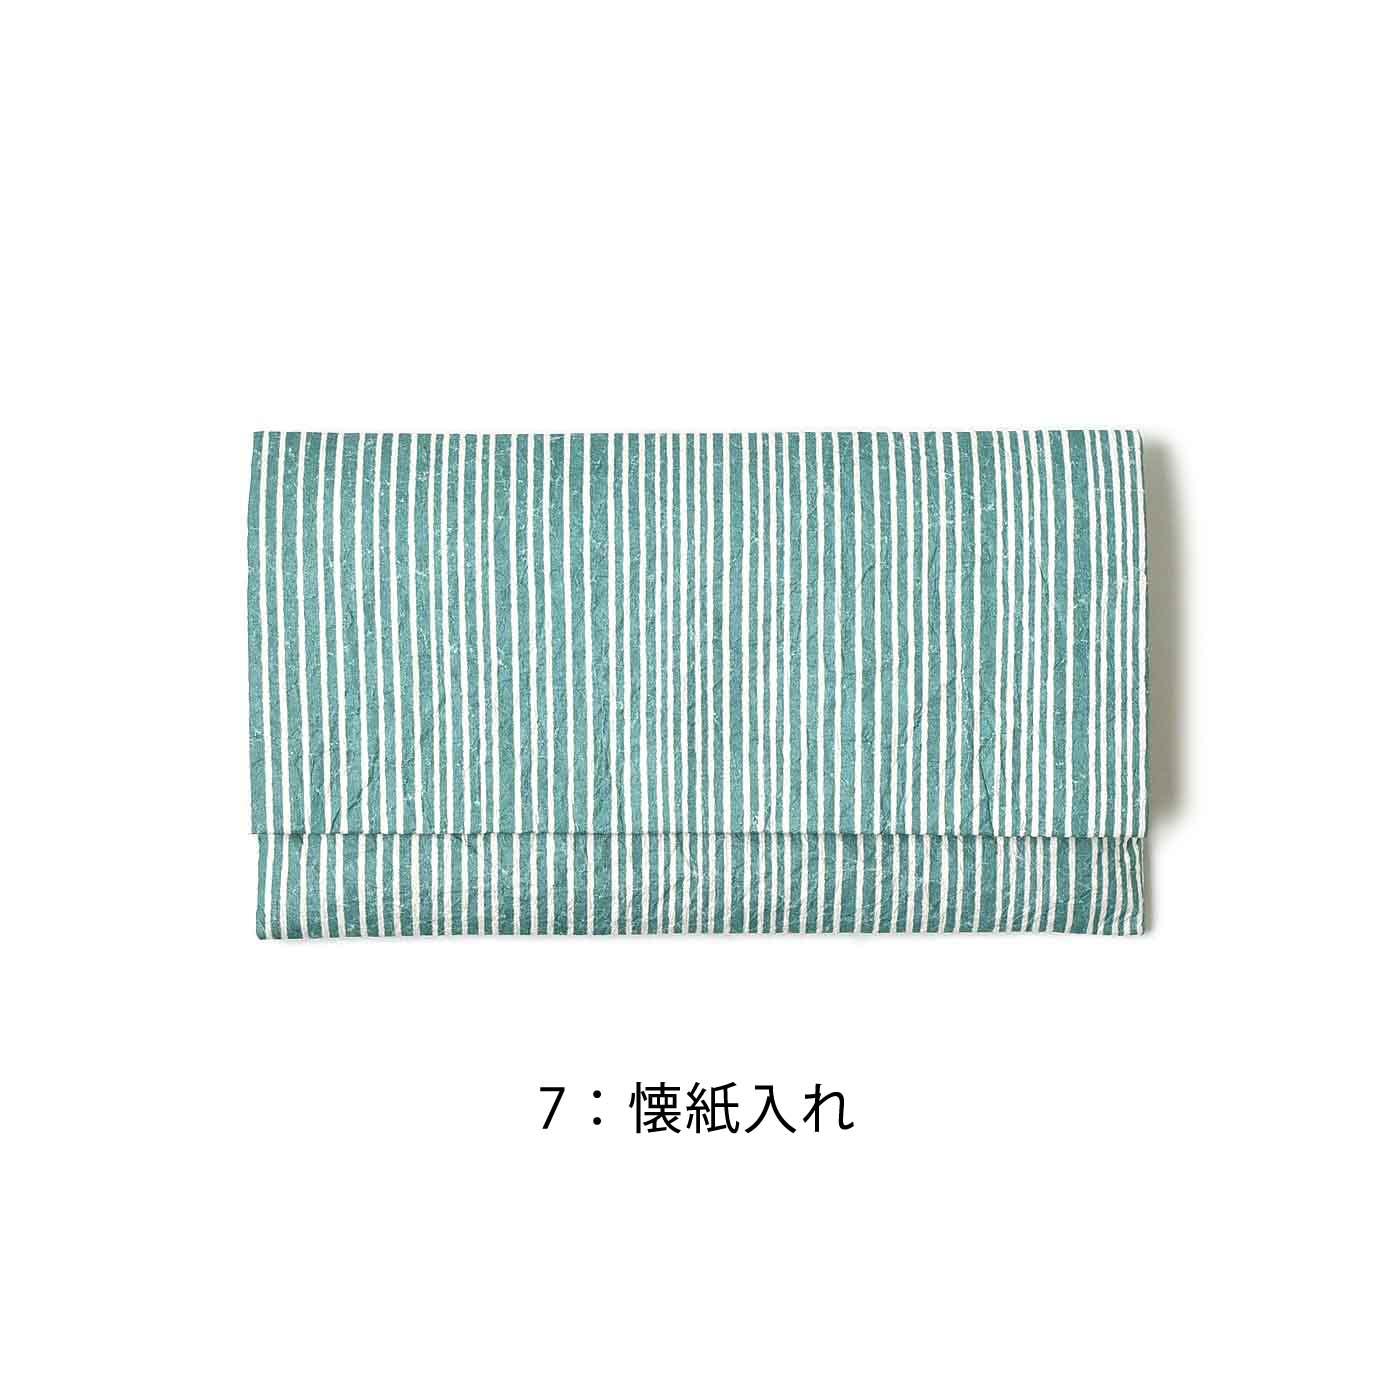 懐紙入れ 1個:紙、プラスティック、ポリエステル 縦約10cm、横約17.5cm 懐紙 30枚:紙 縦約15cm、横約17cm